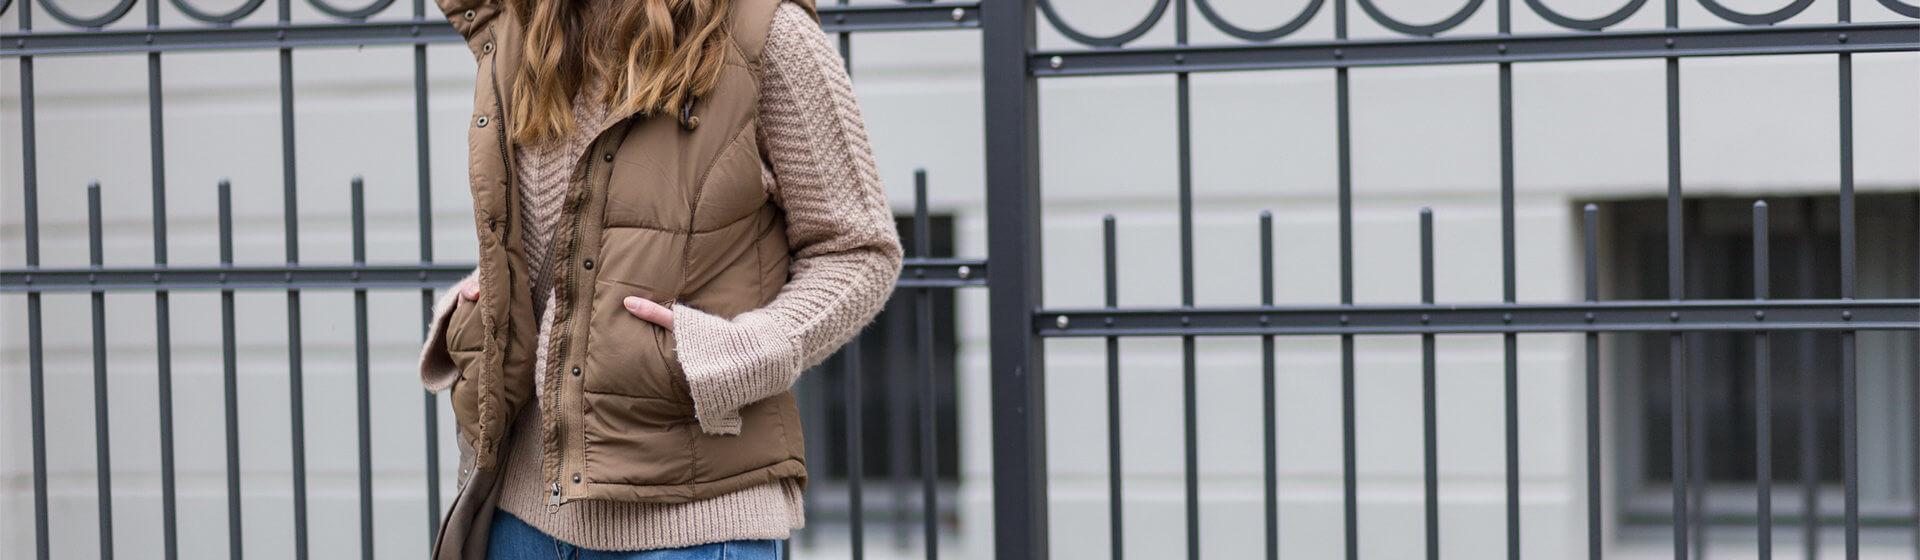 Daunenweste kombinieren mit Strickpullover, Weste Outfit, Shoelove by Deichmann